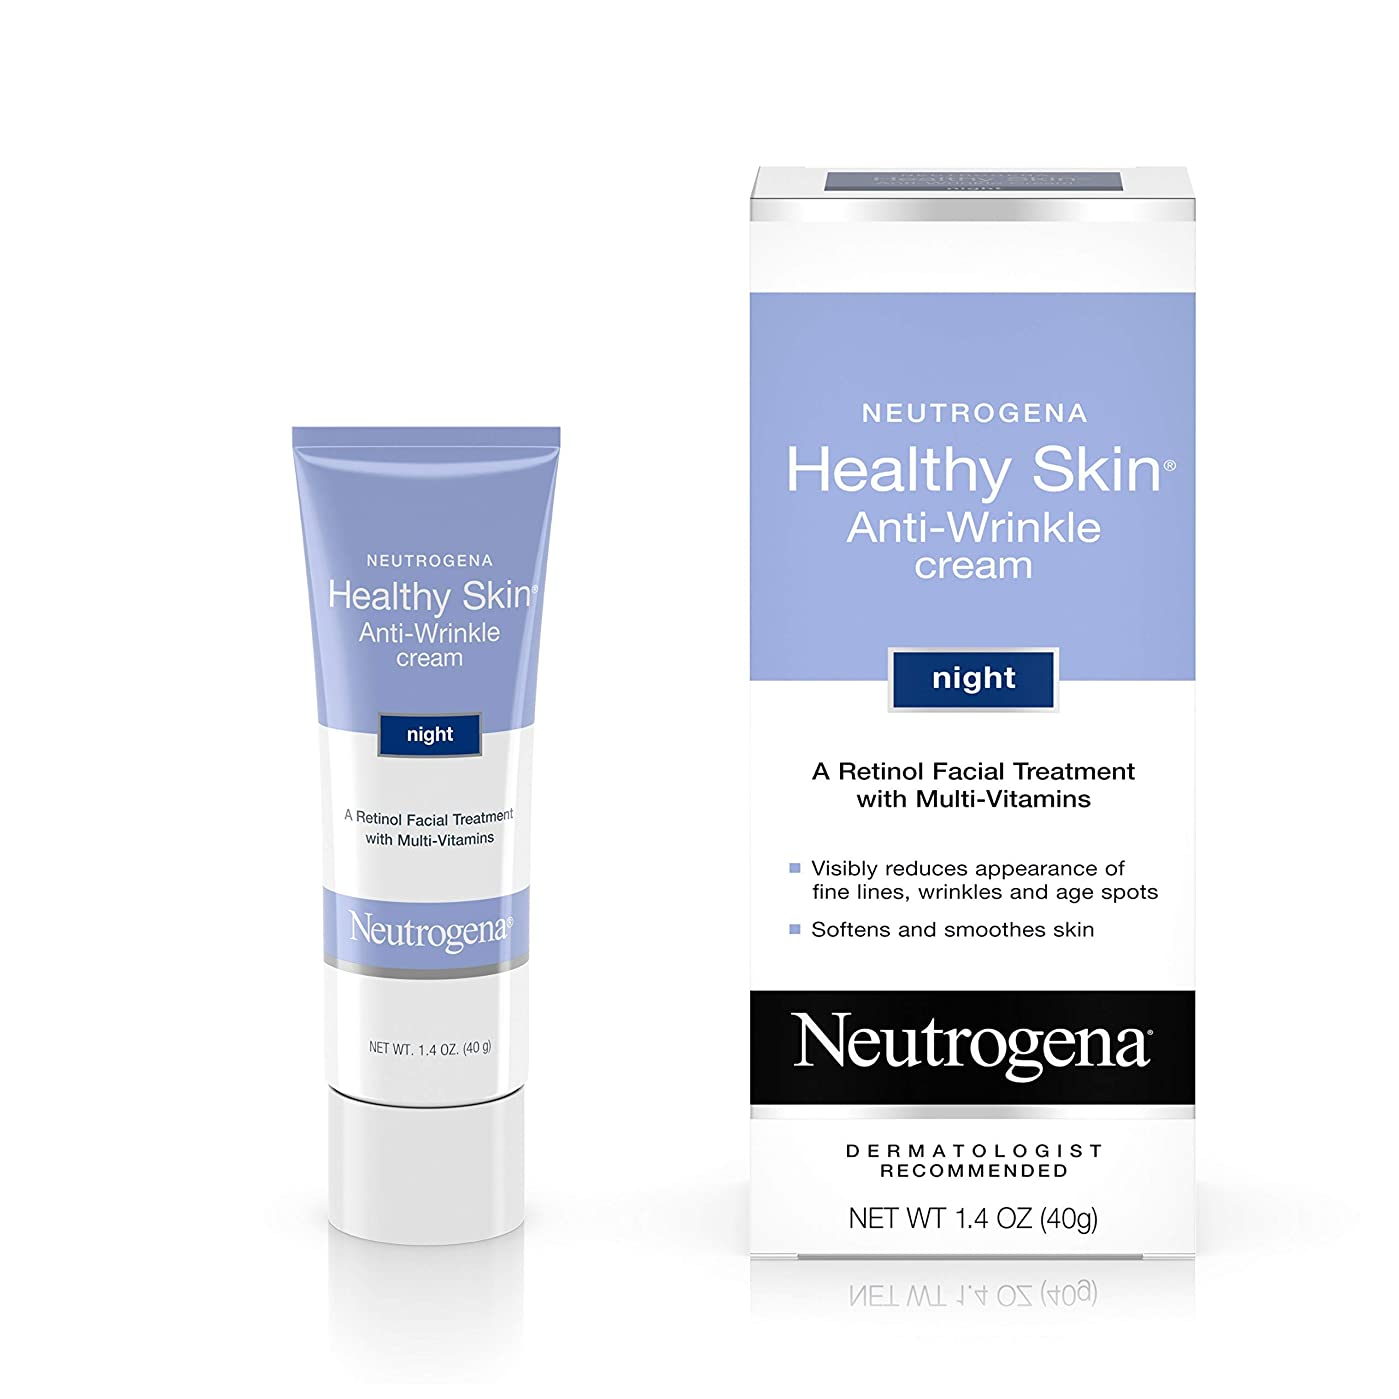 削除するマイナス生産性海外直送肘 Neutrogena Healthy Skin Anti-Wrinkle Night Cream, 1.4 oz